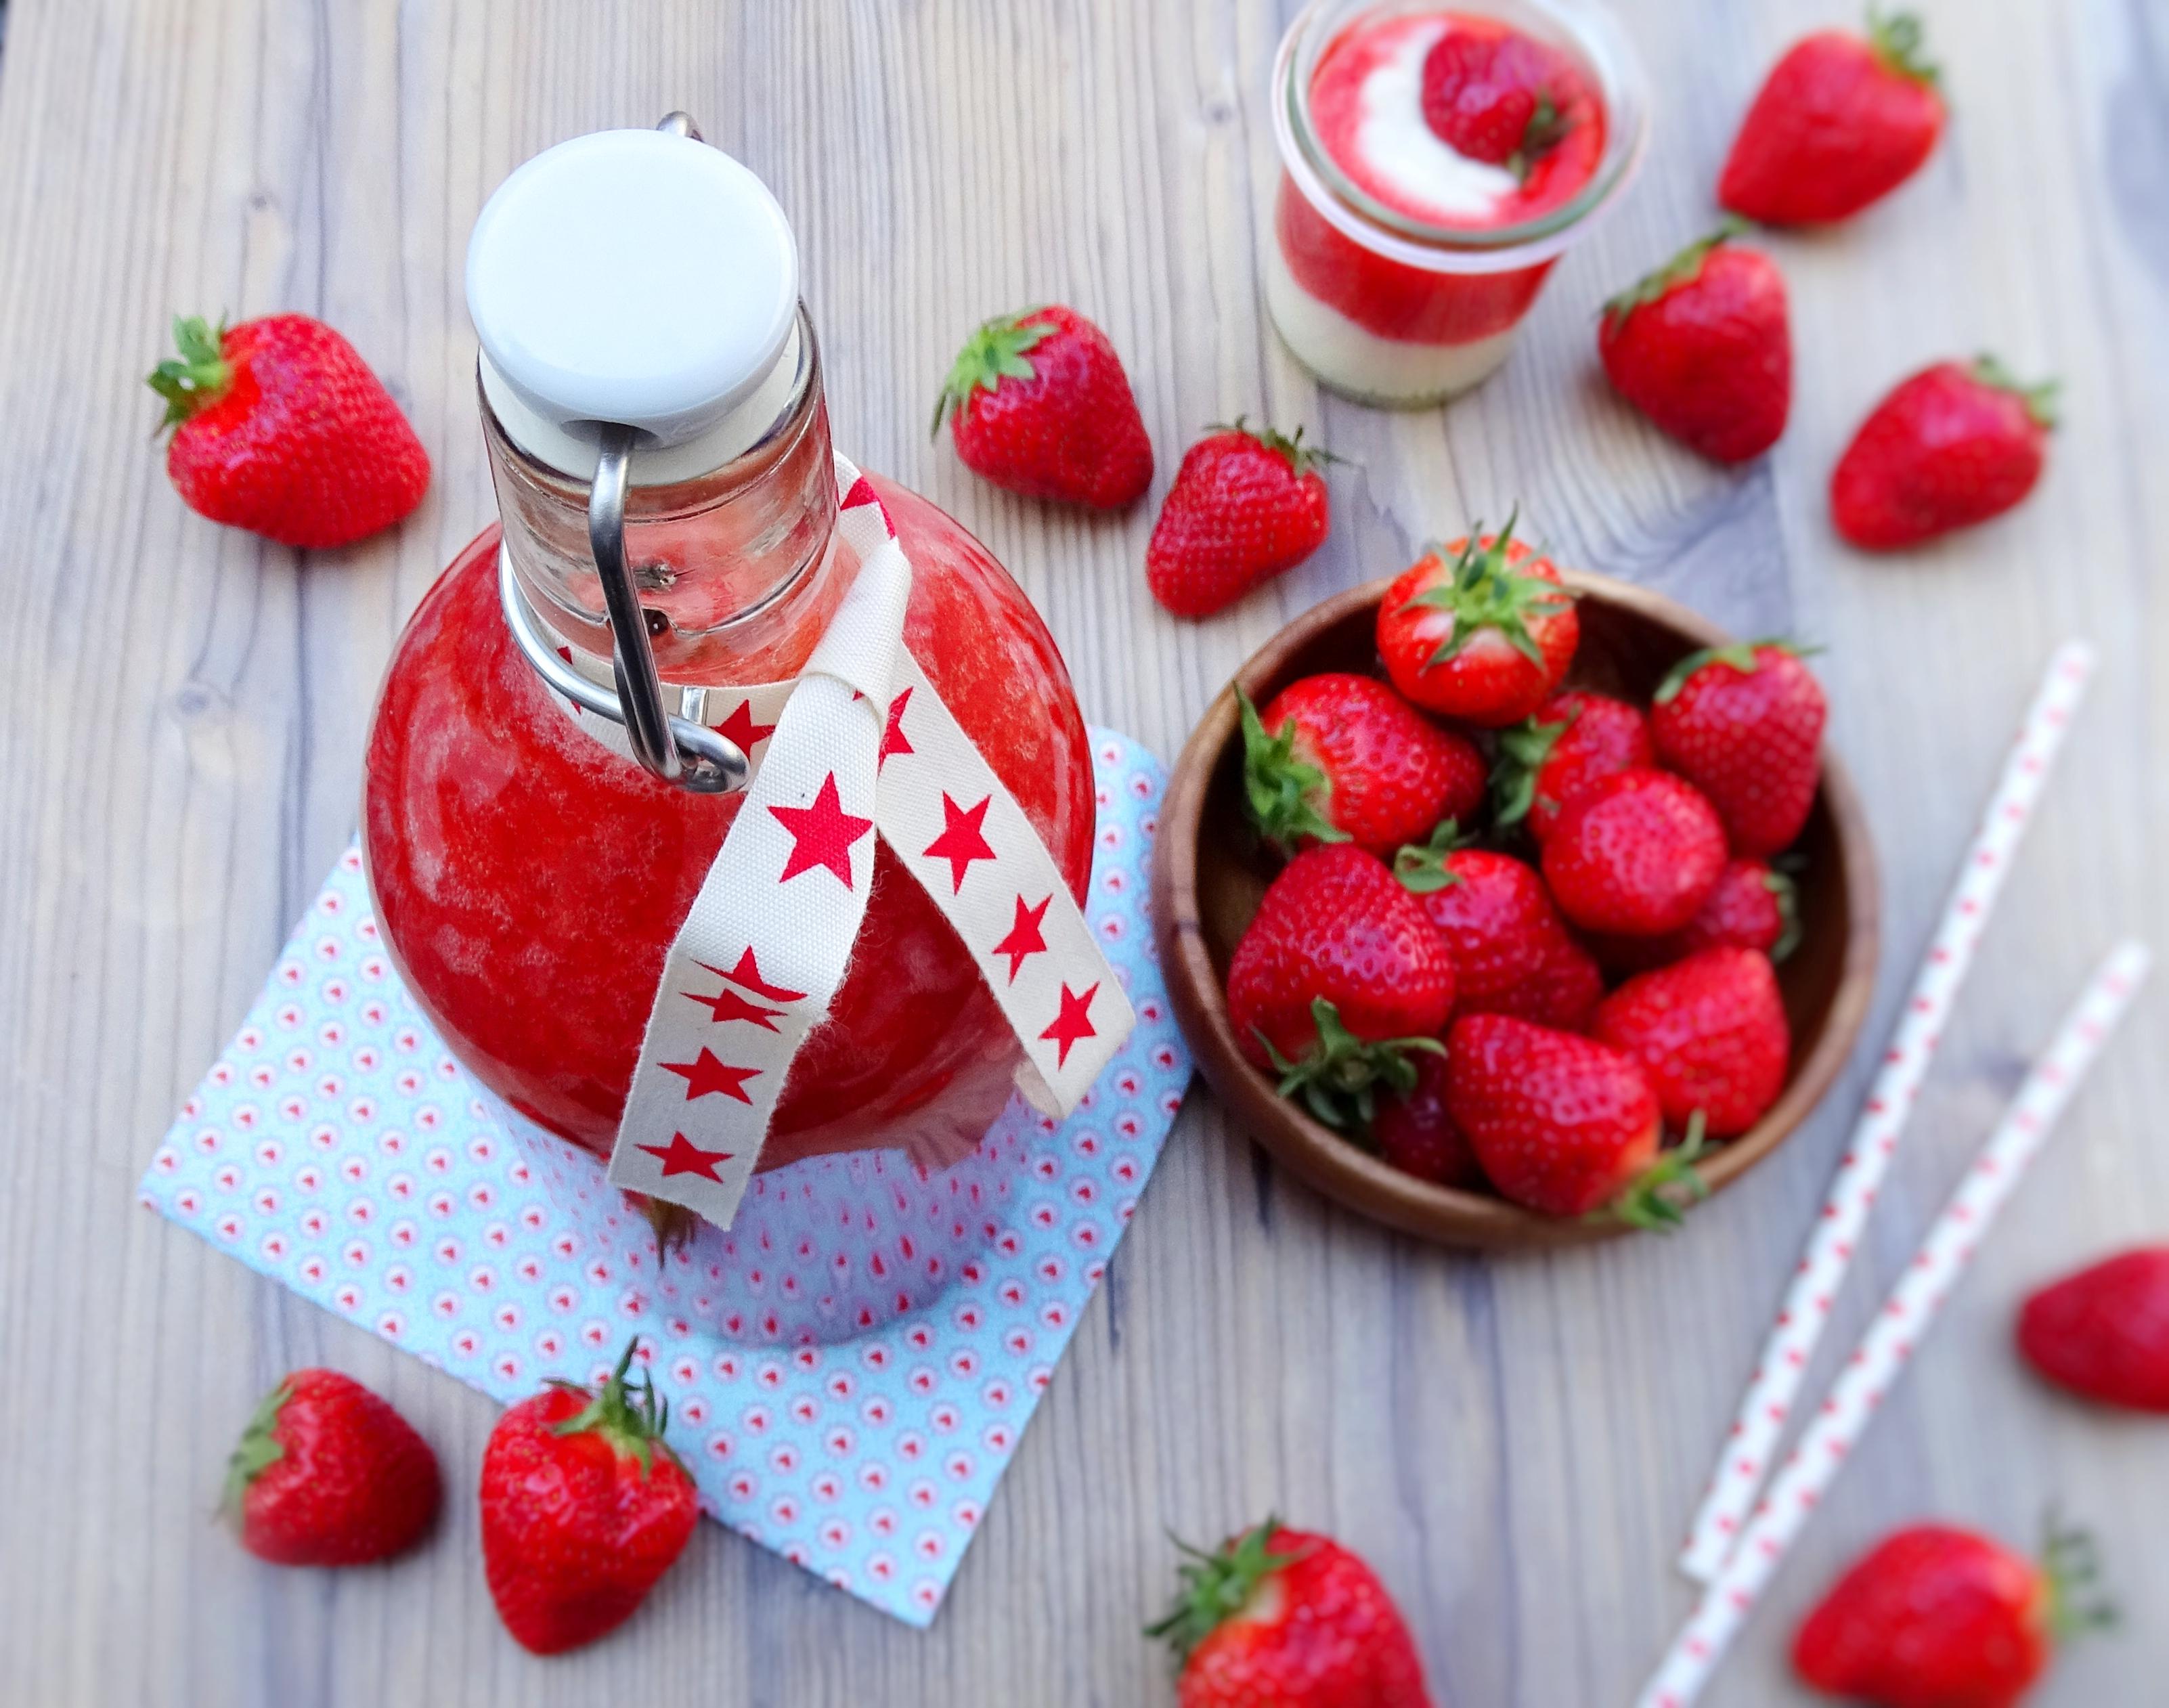 Erdbeerlimes oder wie schmeckt der Frühling?